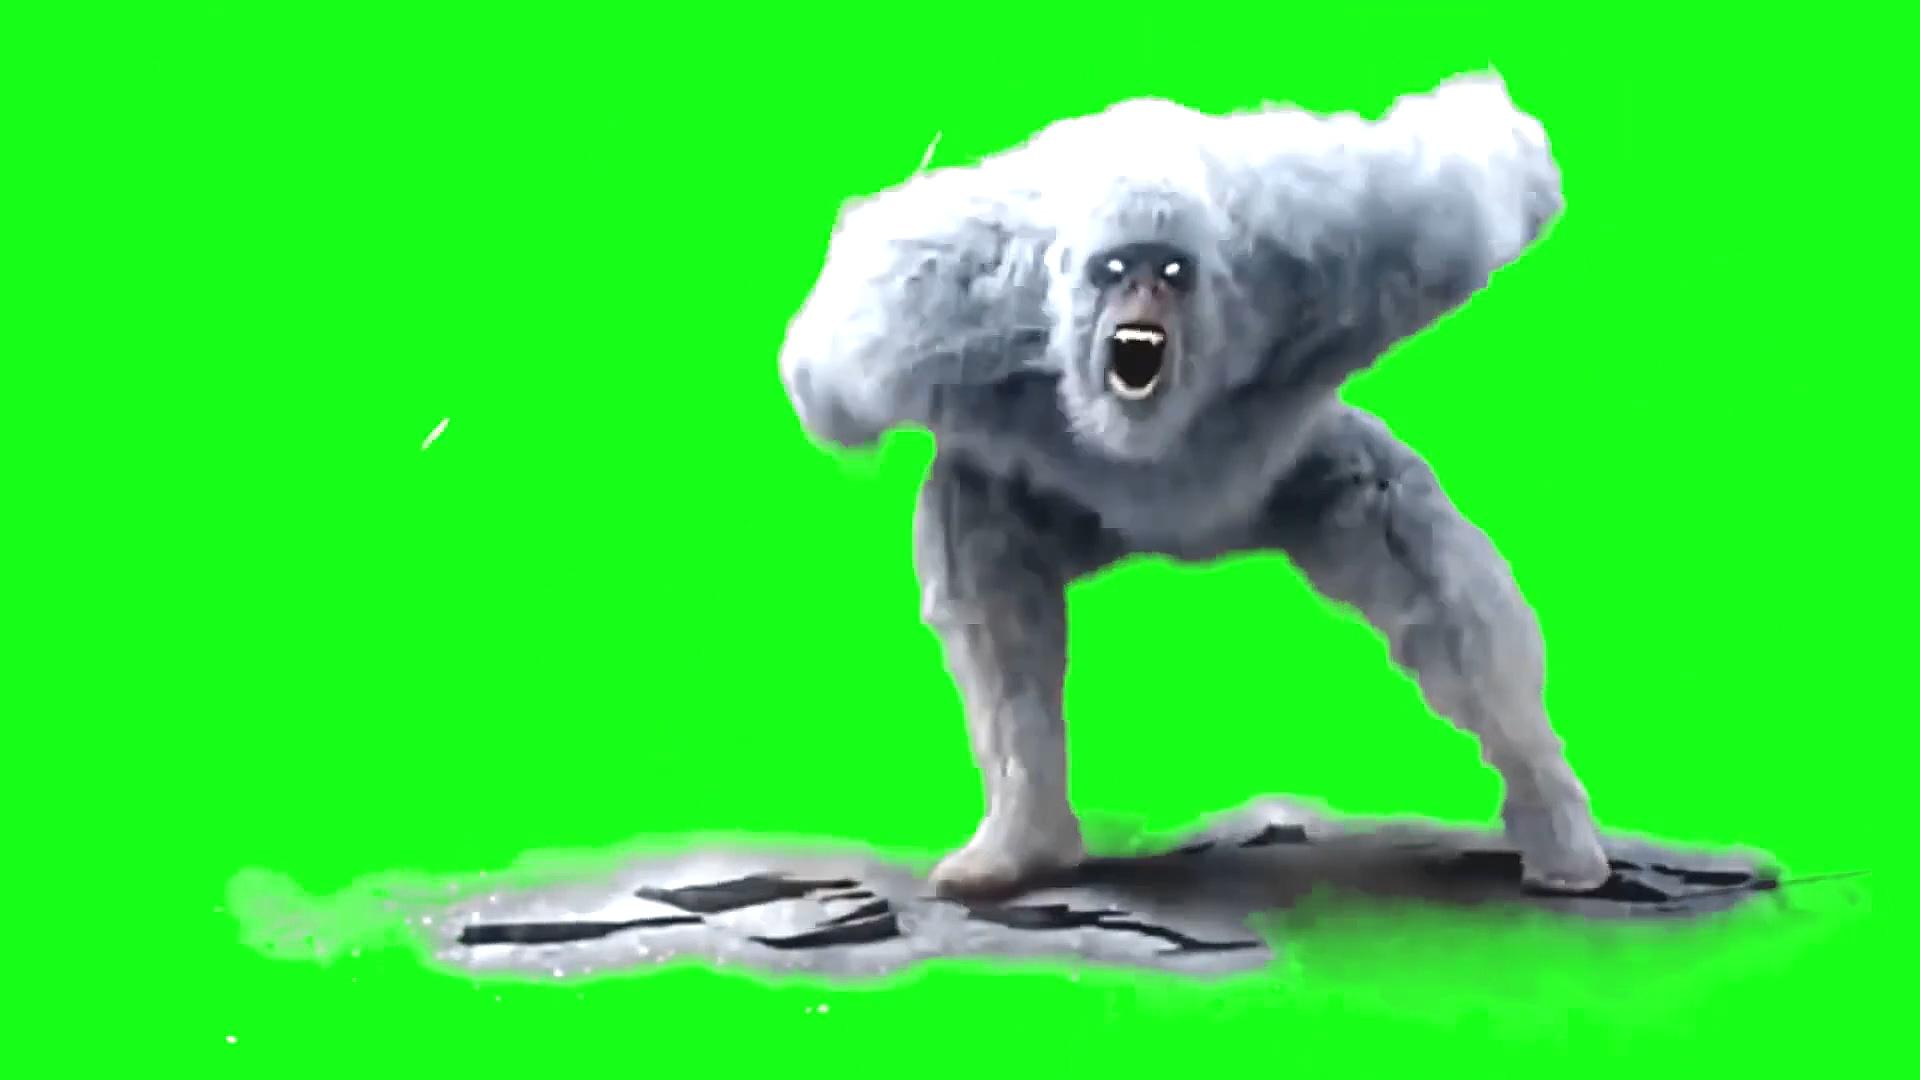 绿屏抠像雪怪